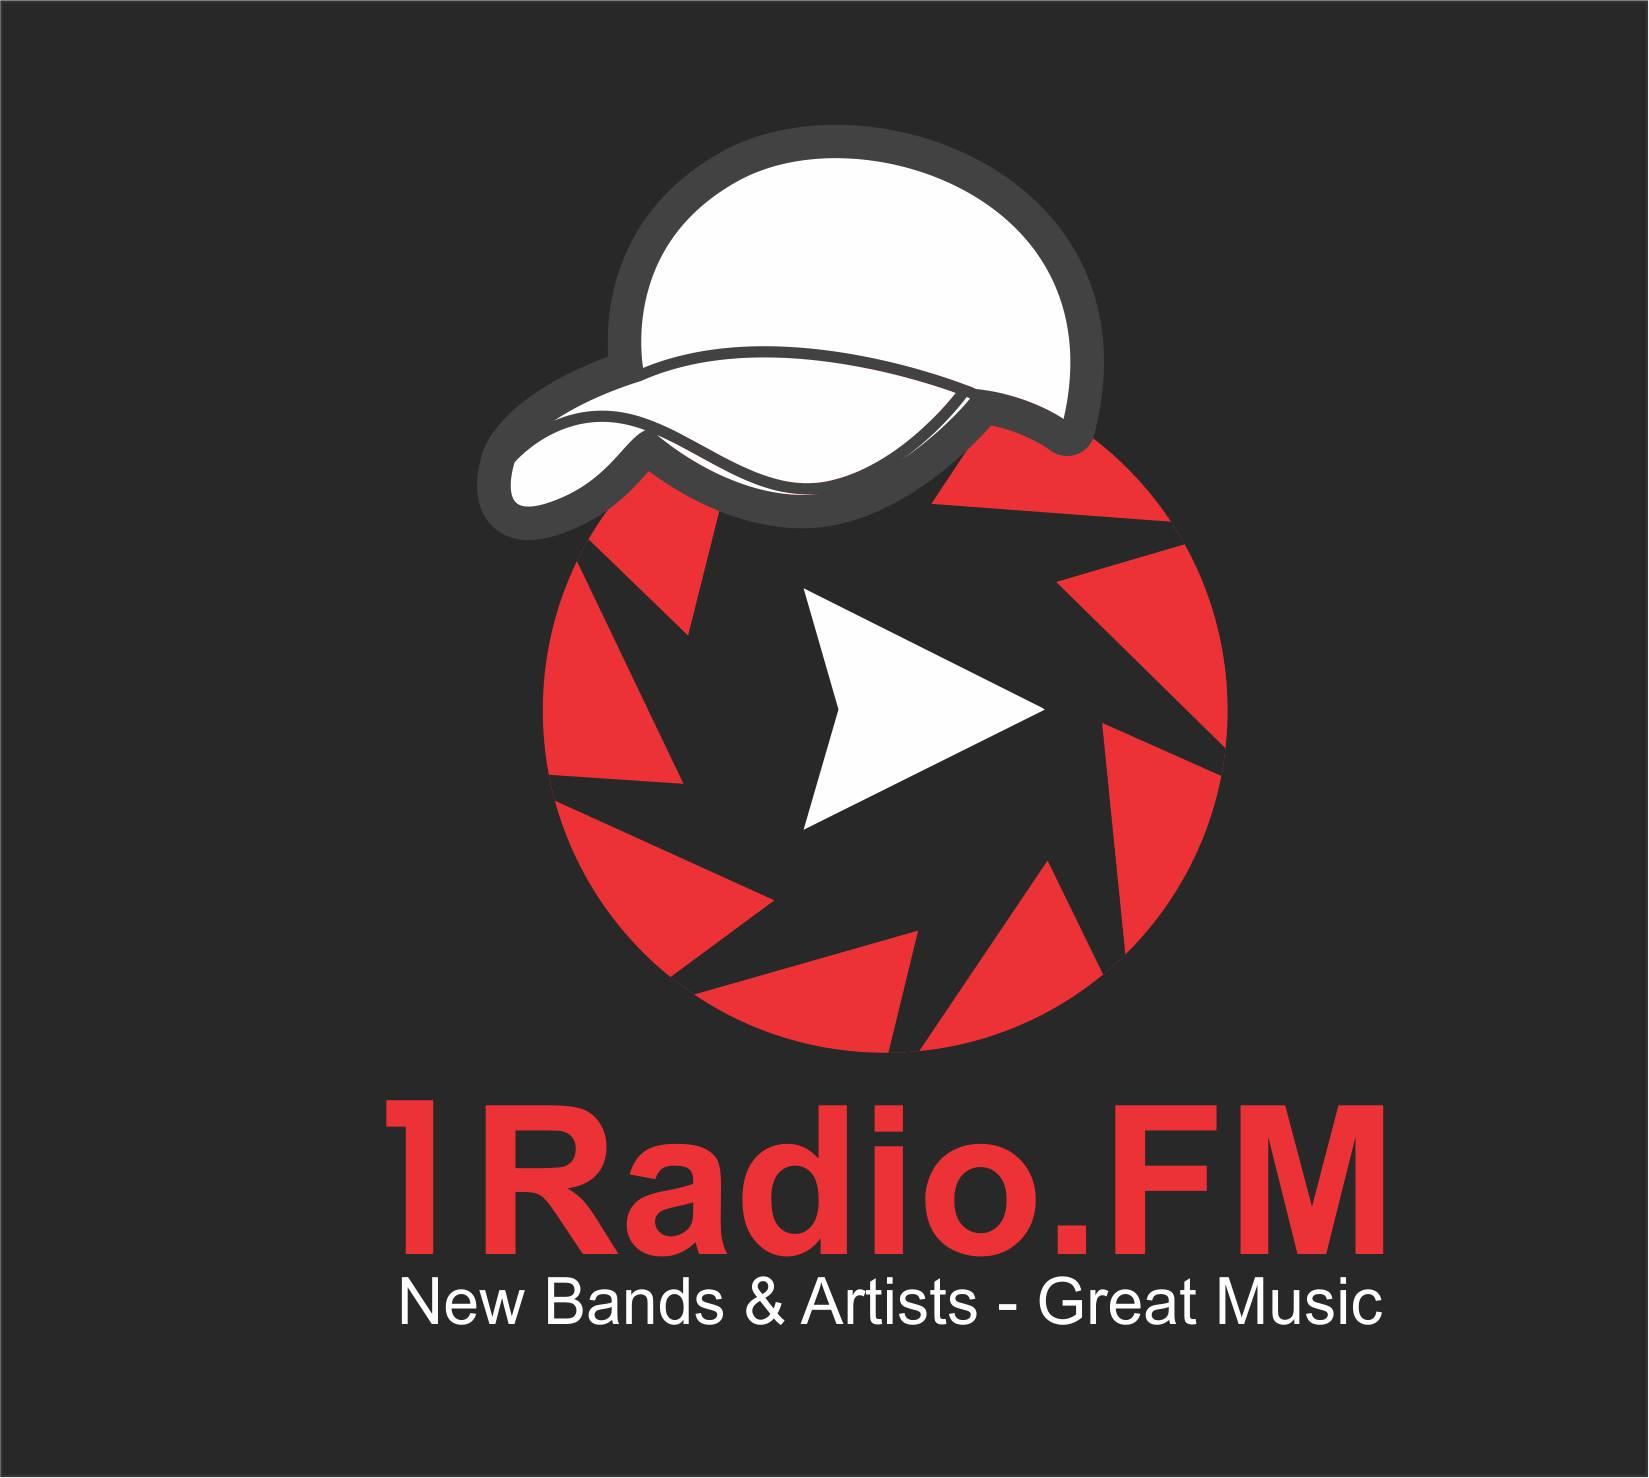 Радио 1 Radio.FM - Rap/Hip Hop/RnB Австралия